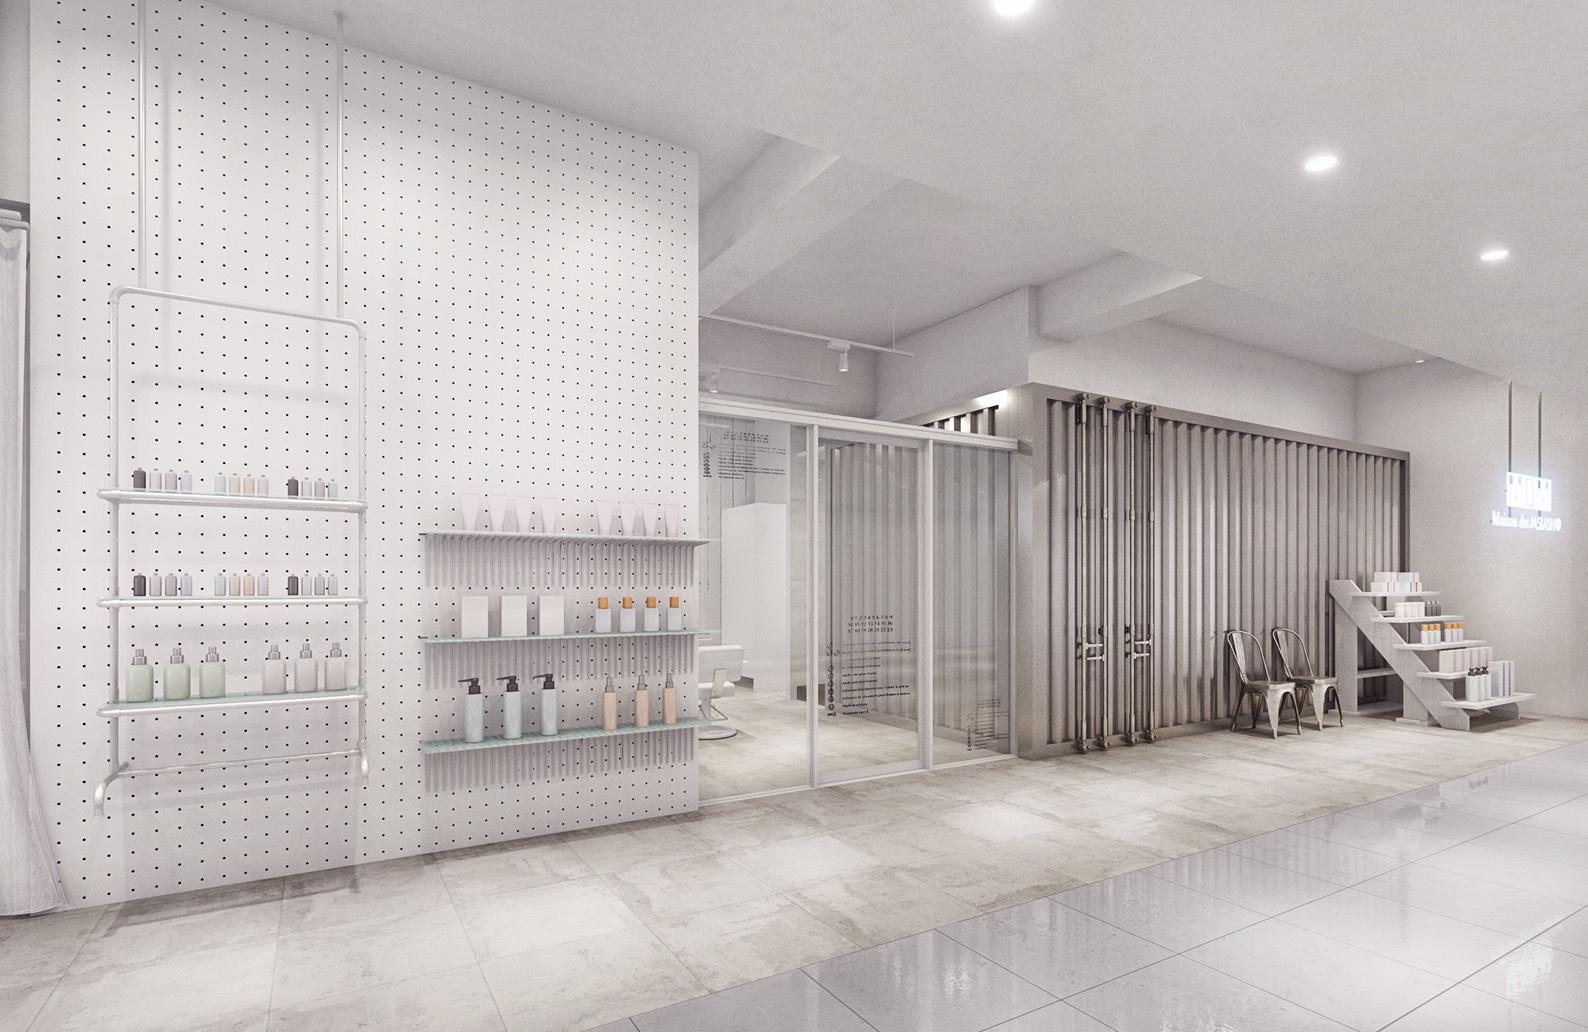 【日本発】令和3年2月24日 ヘアサロンとライフスタイルショップの機能を融合した新店舗【MDM「Maison des M.SLASH」】OPENのお知らせ